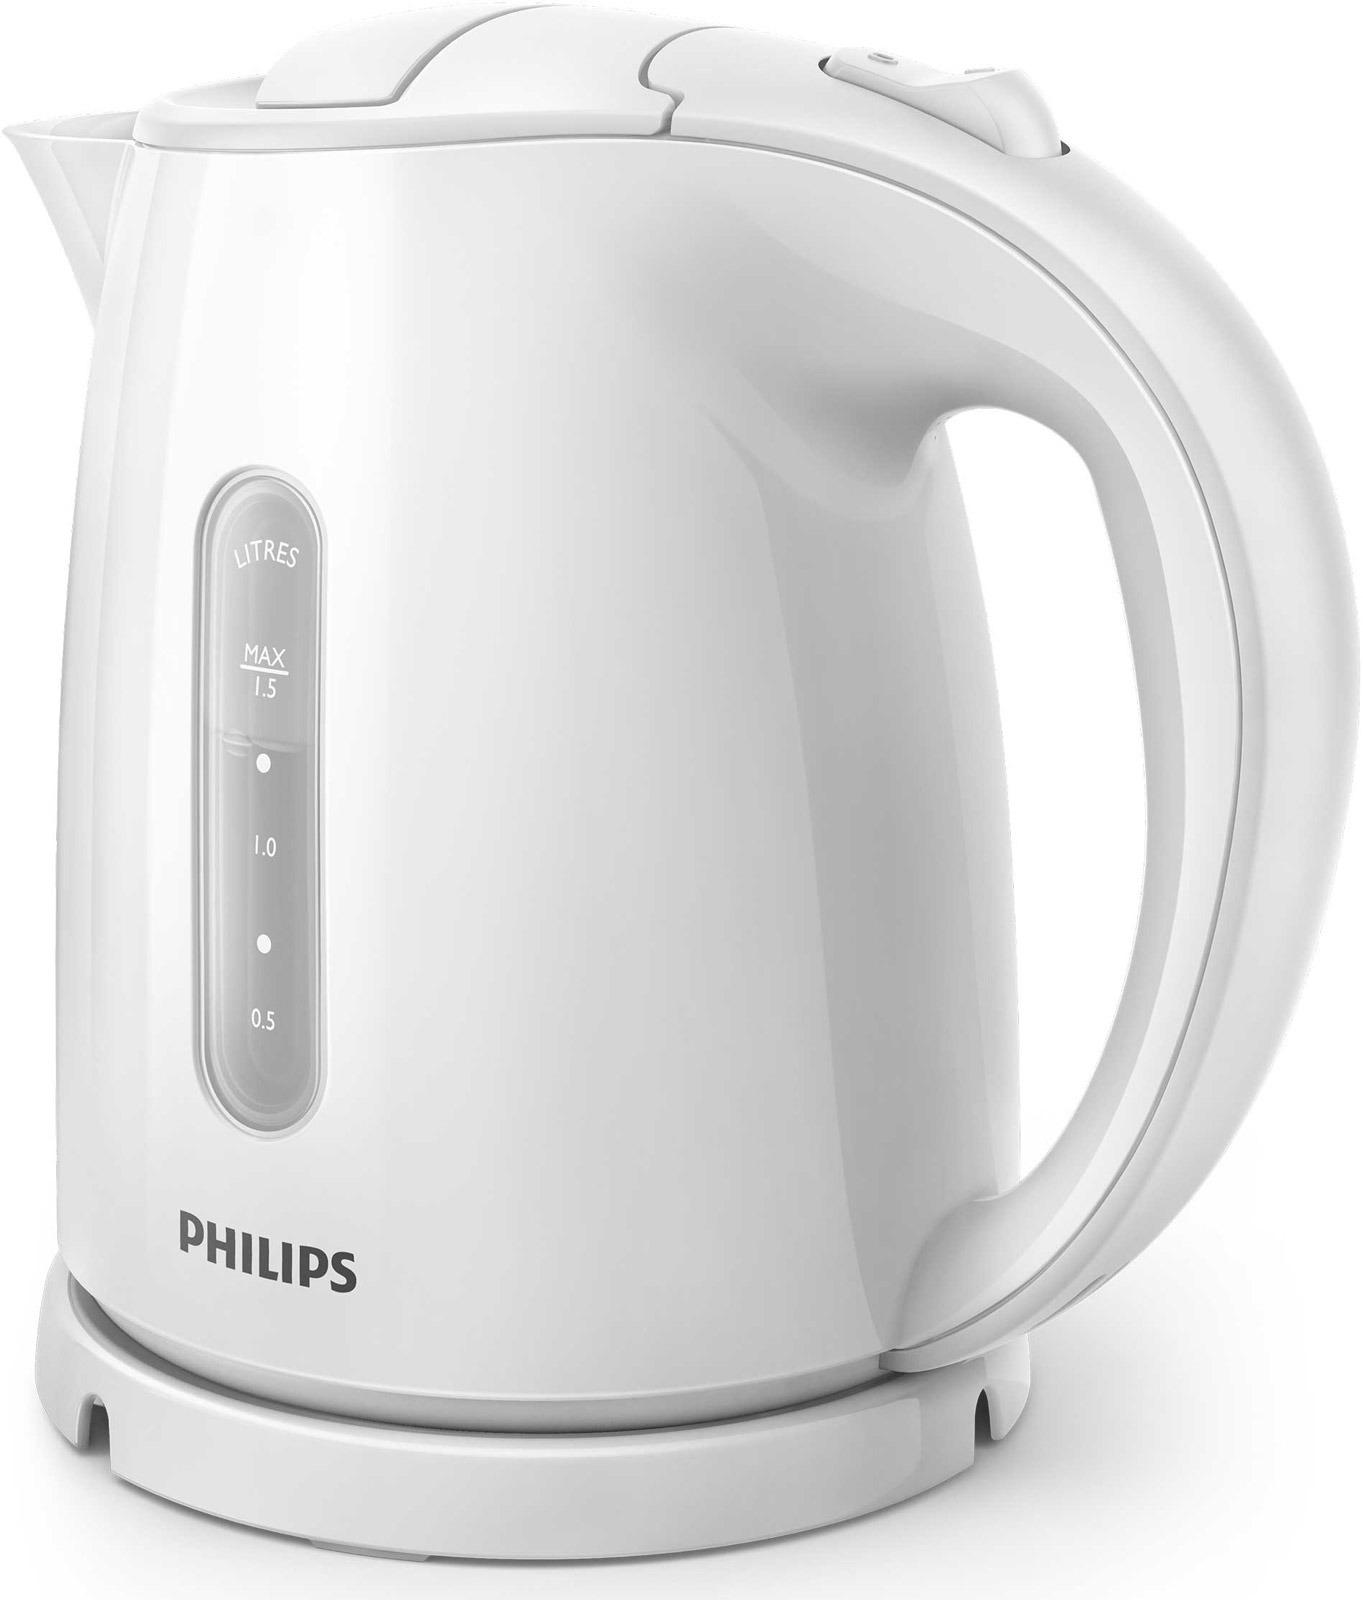 Электрический чайник филипс 9343